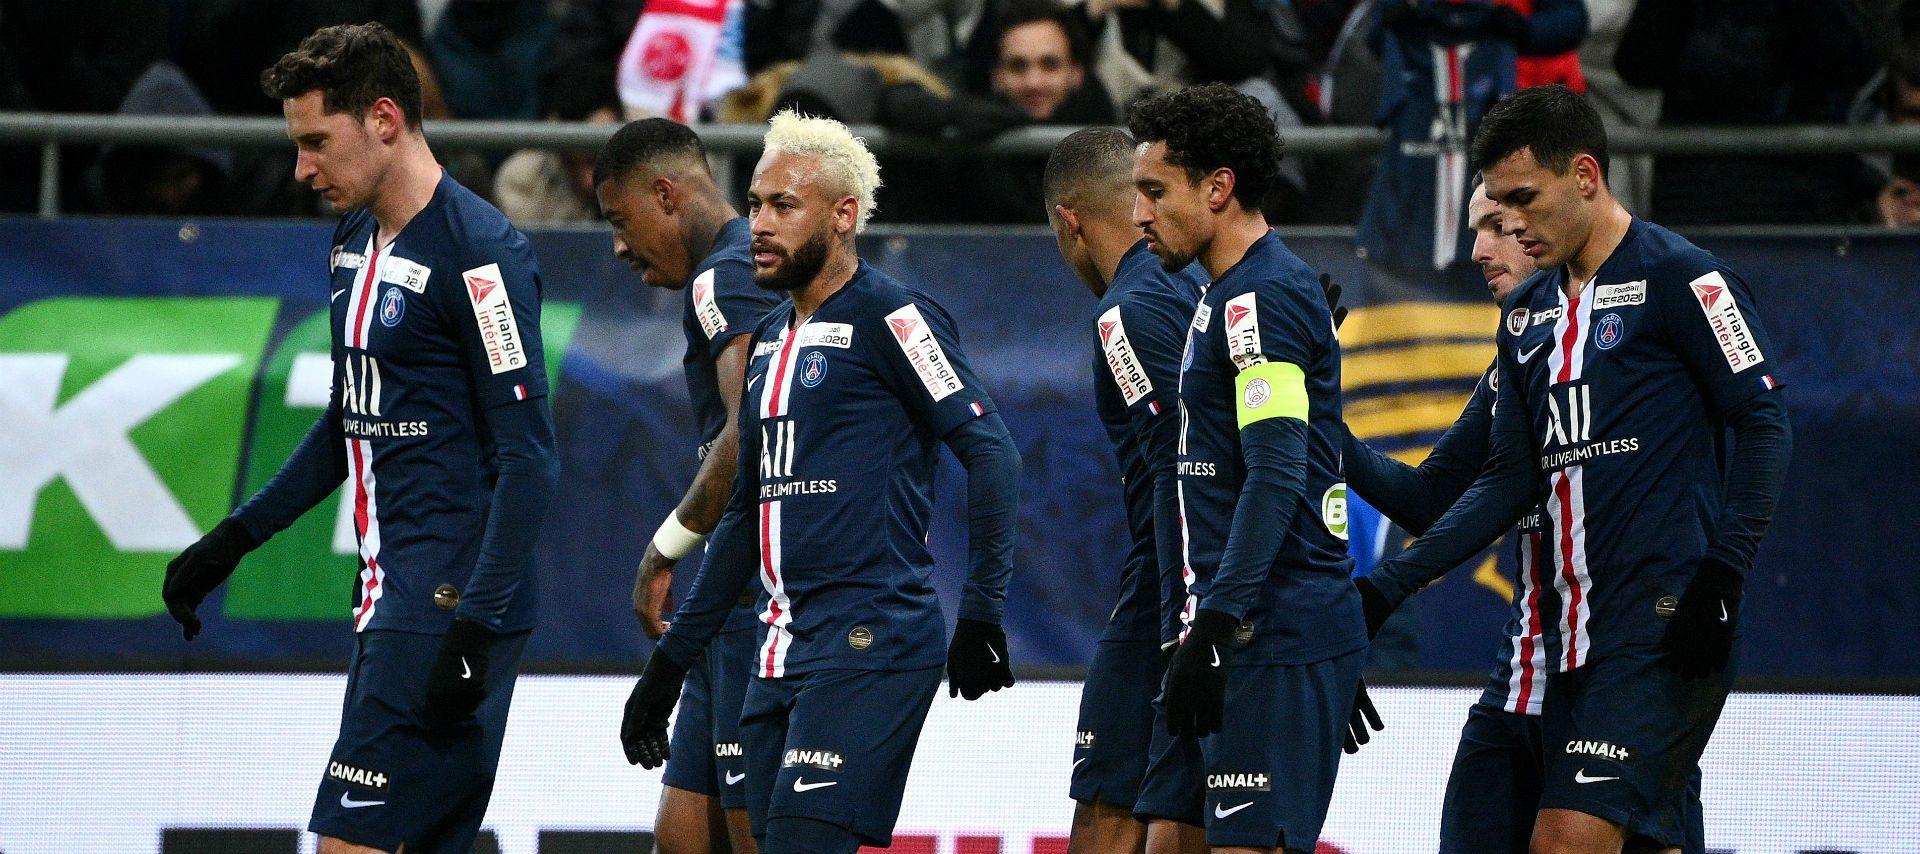 PSG și-a amânat meciul din campionat. Anunț oficial. Sursă foto: goal.com